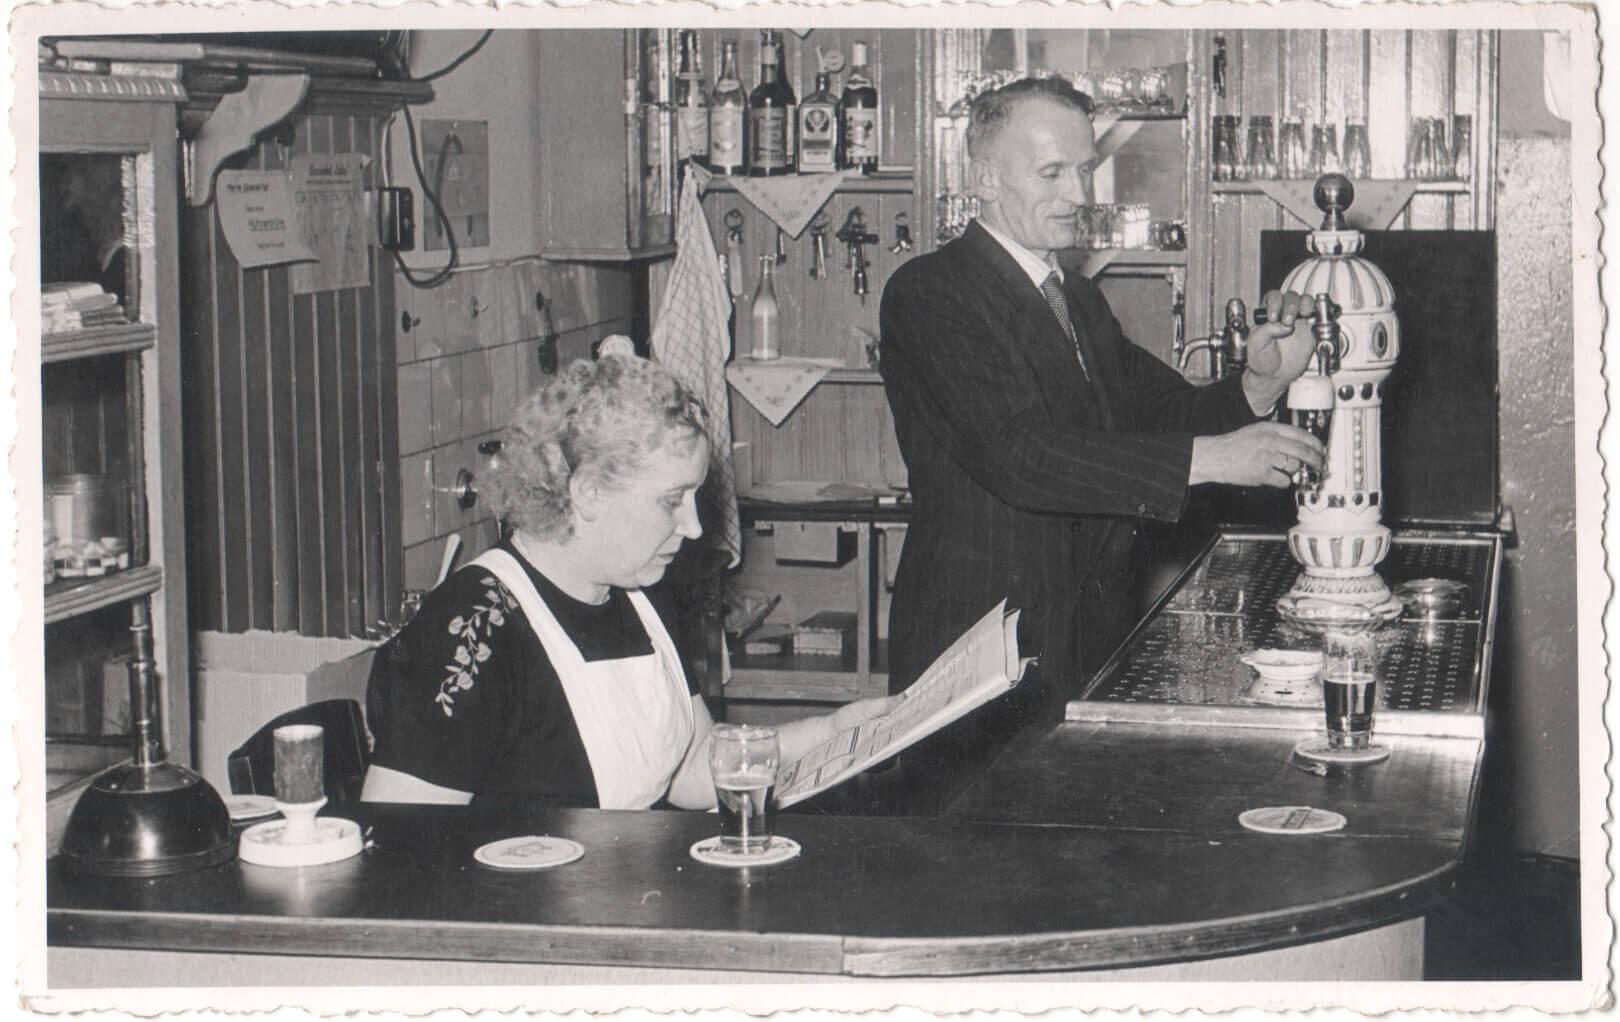 Brauhaus Nolte - Johannes und Mary Nolte